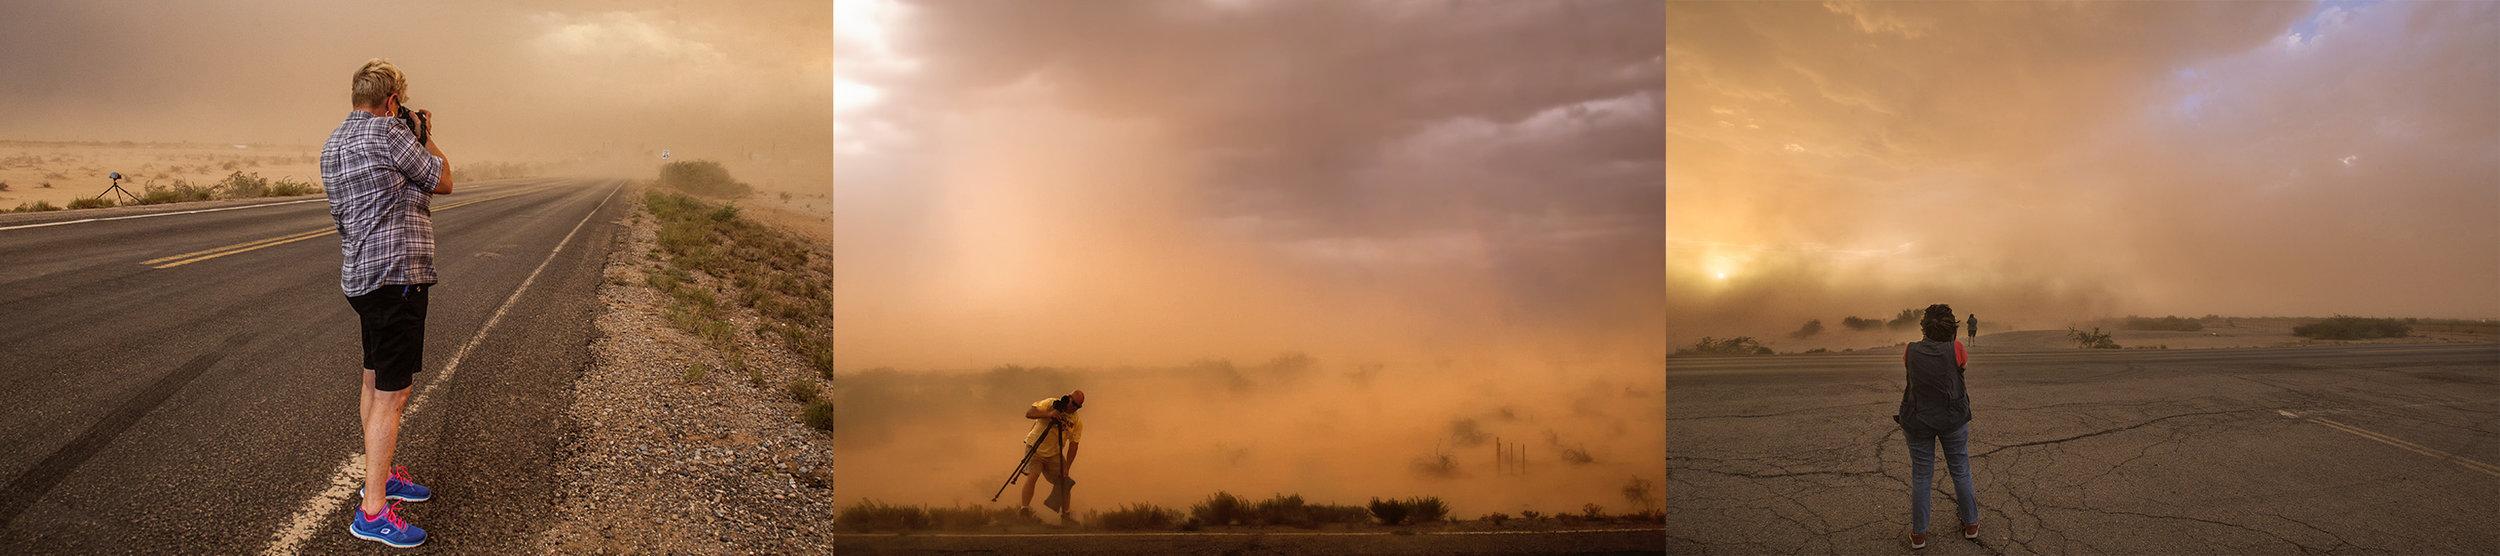 2016 Desert Monsoon Workshop participants photograph a dust storm in Picachio Peak, Az.